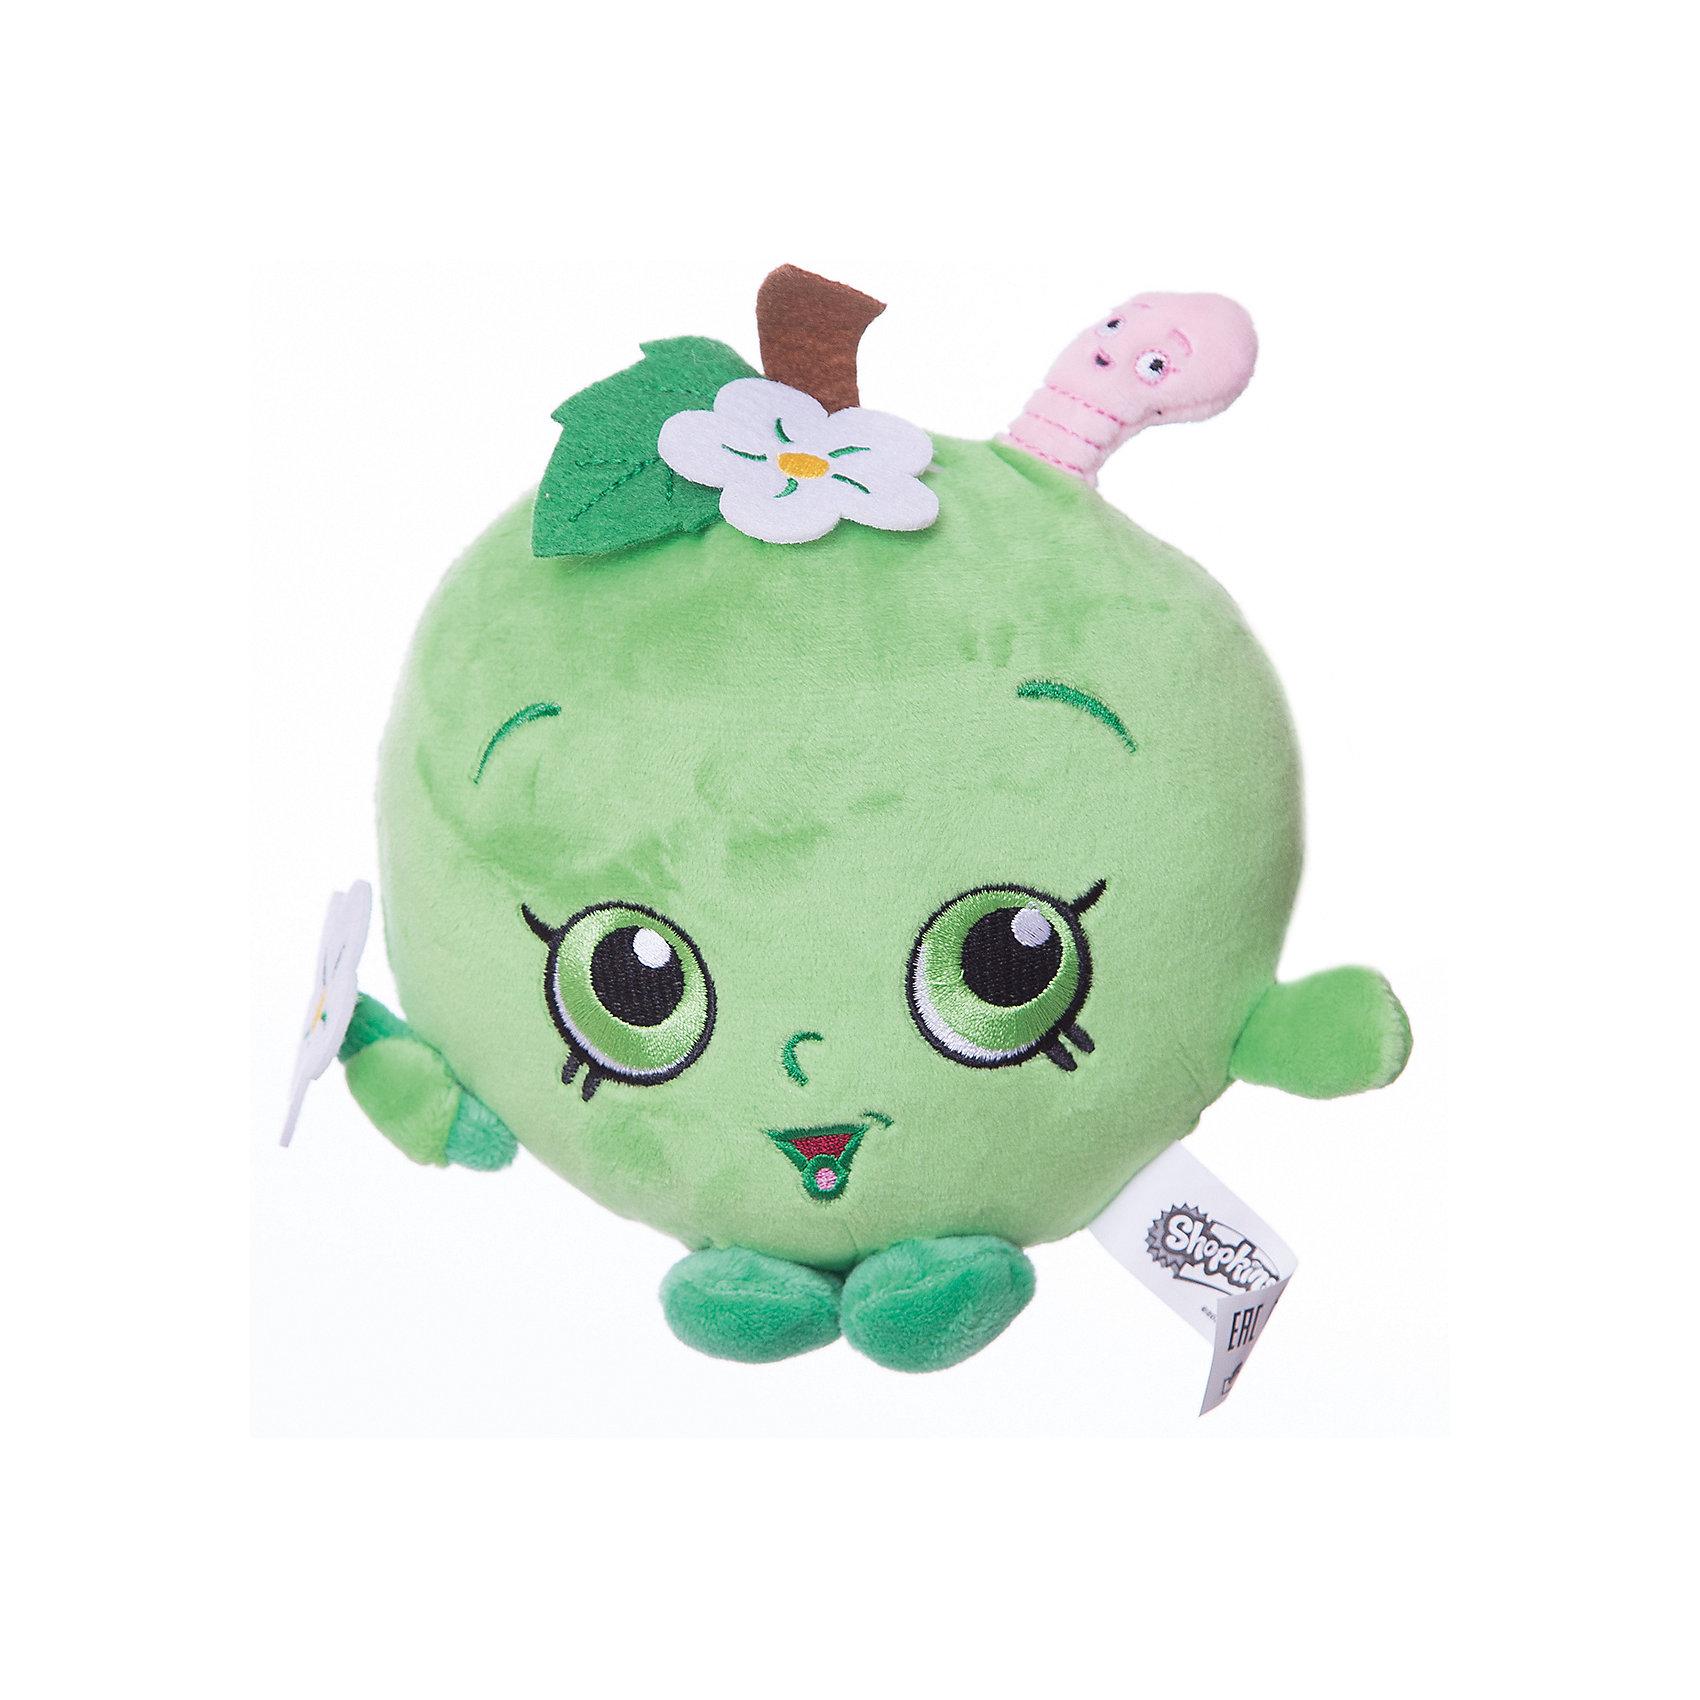 Мягкая игрушка Яблочко Фло, 20см, ShopkinsХарактеристики:<br><br>• размер игрушки: 20 см;<br>• материал: плюш;<br>• наполнитель: синтепон;<br>• декоративные элементы: вышивка;<br>• упаковка: ПВХ-пакет.<br><br>Плюшевая коллекционная игрушка Шопкинс создана по мотивам мультсериала для детей. Яблочко Фло с ручками и ножками - персонаж Shopkins. Личико игрушки - вышивка-аппликация, тельце мягконабивное, мягкая игрушка приятная на ощупь. В процессе игры развивается воображение, речь, тактильное восприятие.<br><br>Мягкую игрушку Яблочко Фло, 20см, Shopkins можно купить в нашем магазине.<br><br>Ширина мм: 155<br>Глубина мм: 155<br>Высота мм: 70<br>Вес г: 80<br>Возраст от месяцев: 36<br>Возраст до месяцев: 2147483647<br>Пол: Унисекс<br>Возраст: Детский<br>SKU: 5247686